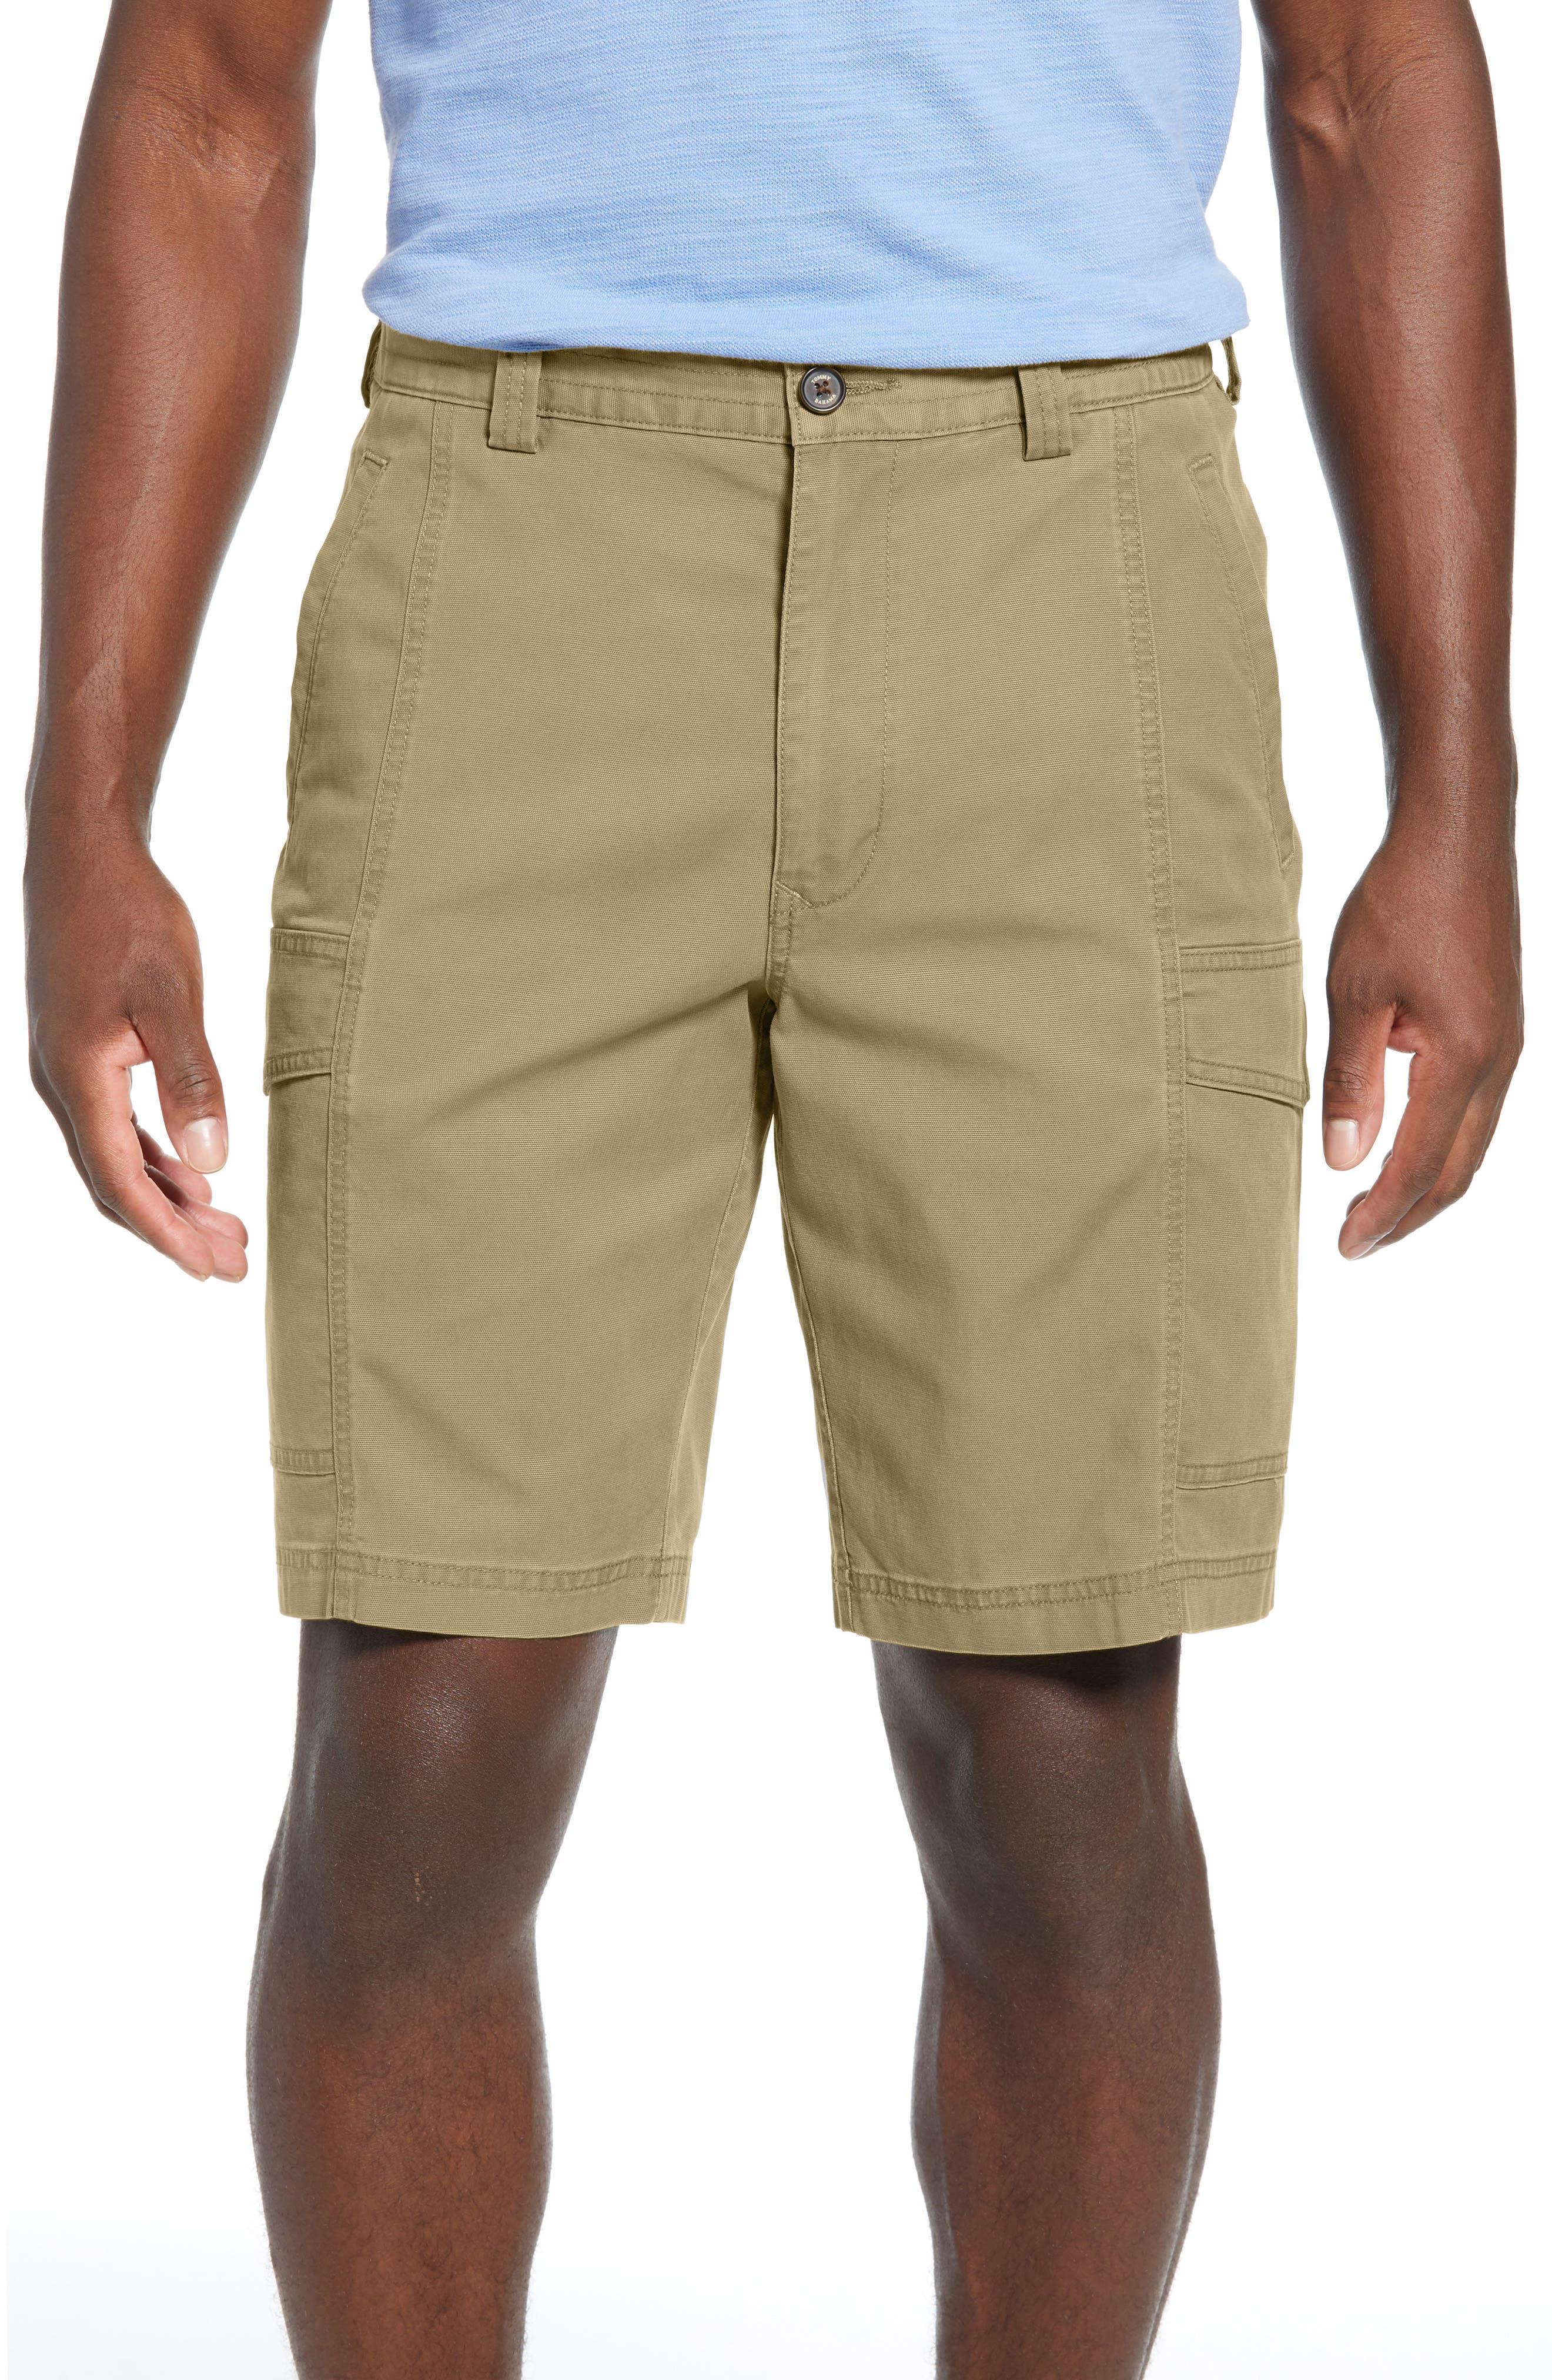 Tommy Bahama Key Isles Cargo Shorts, Beige